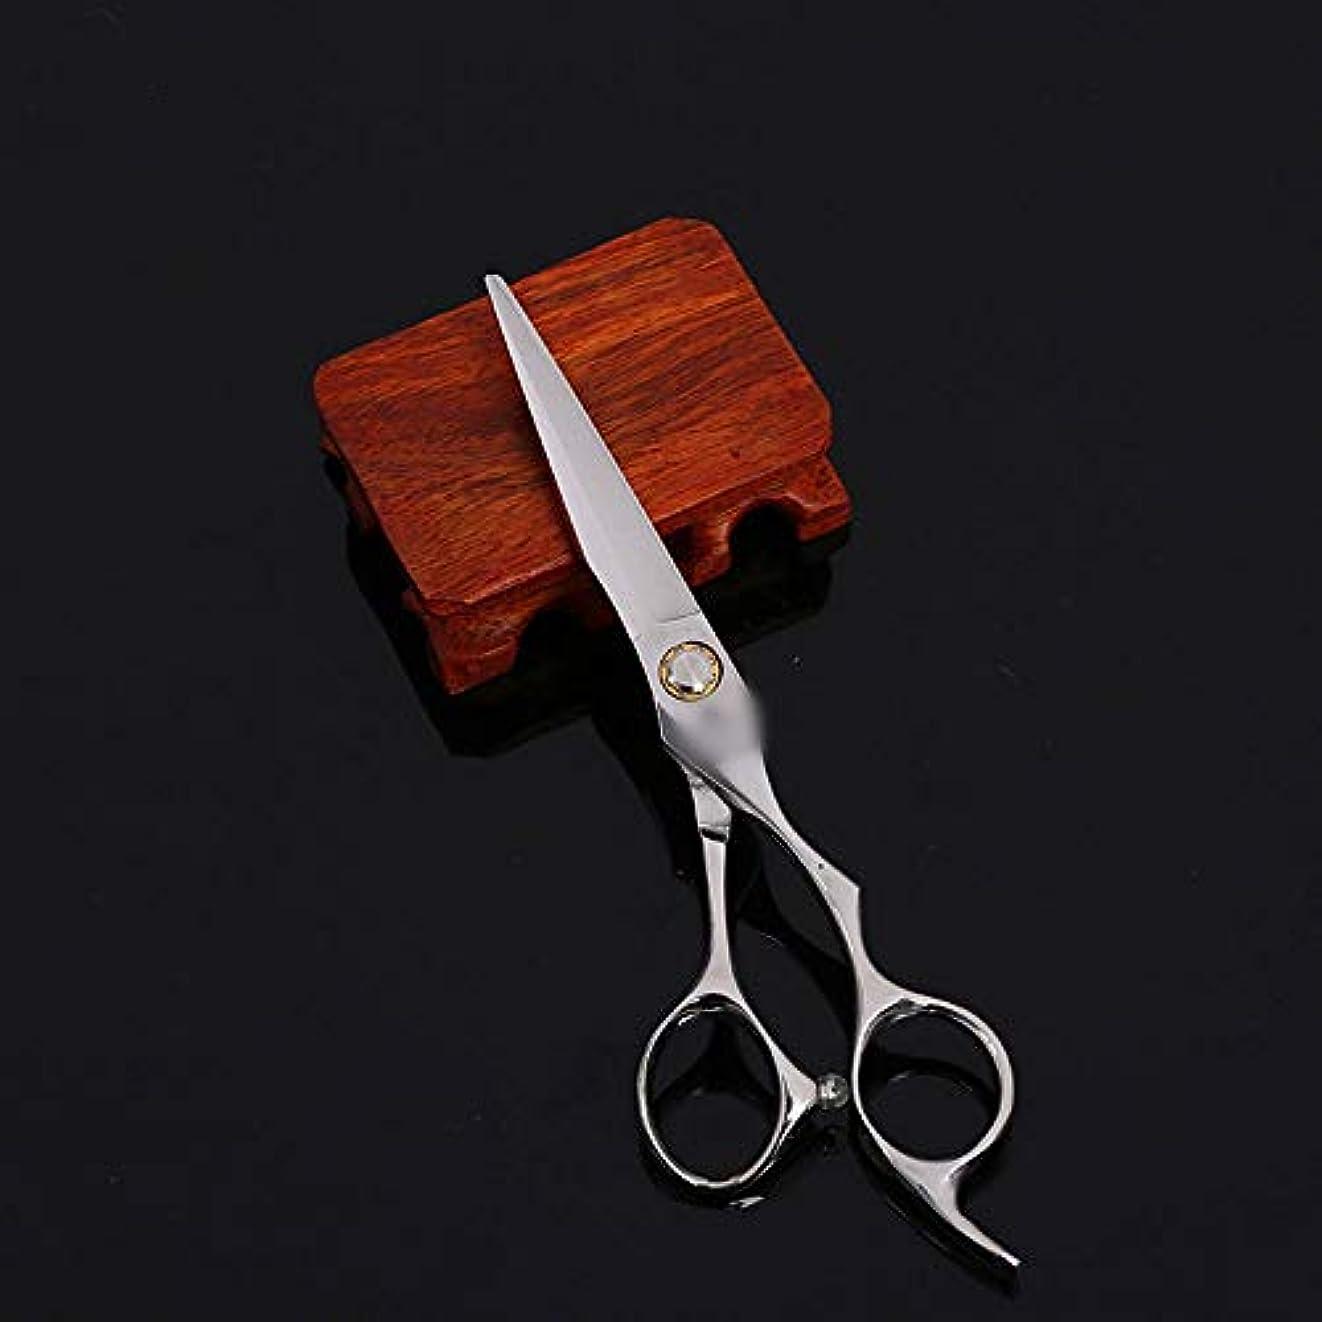 ディスク刑務所暴徒Goodsok-jp 6インチの美容院の専門の上限の理髪はさみの平らなせん断セット (色 : Silver)